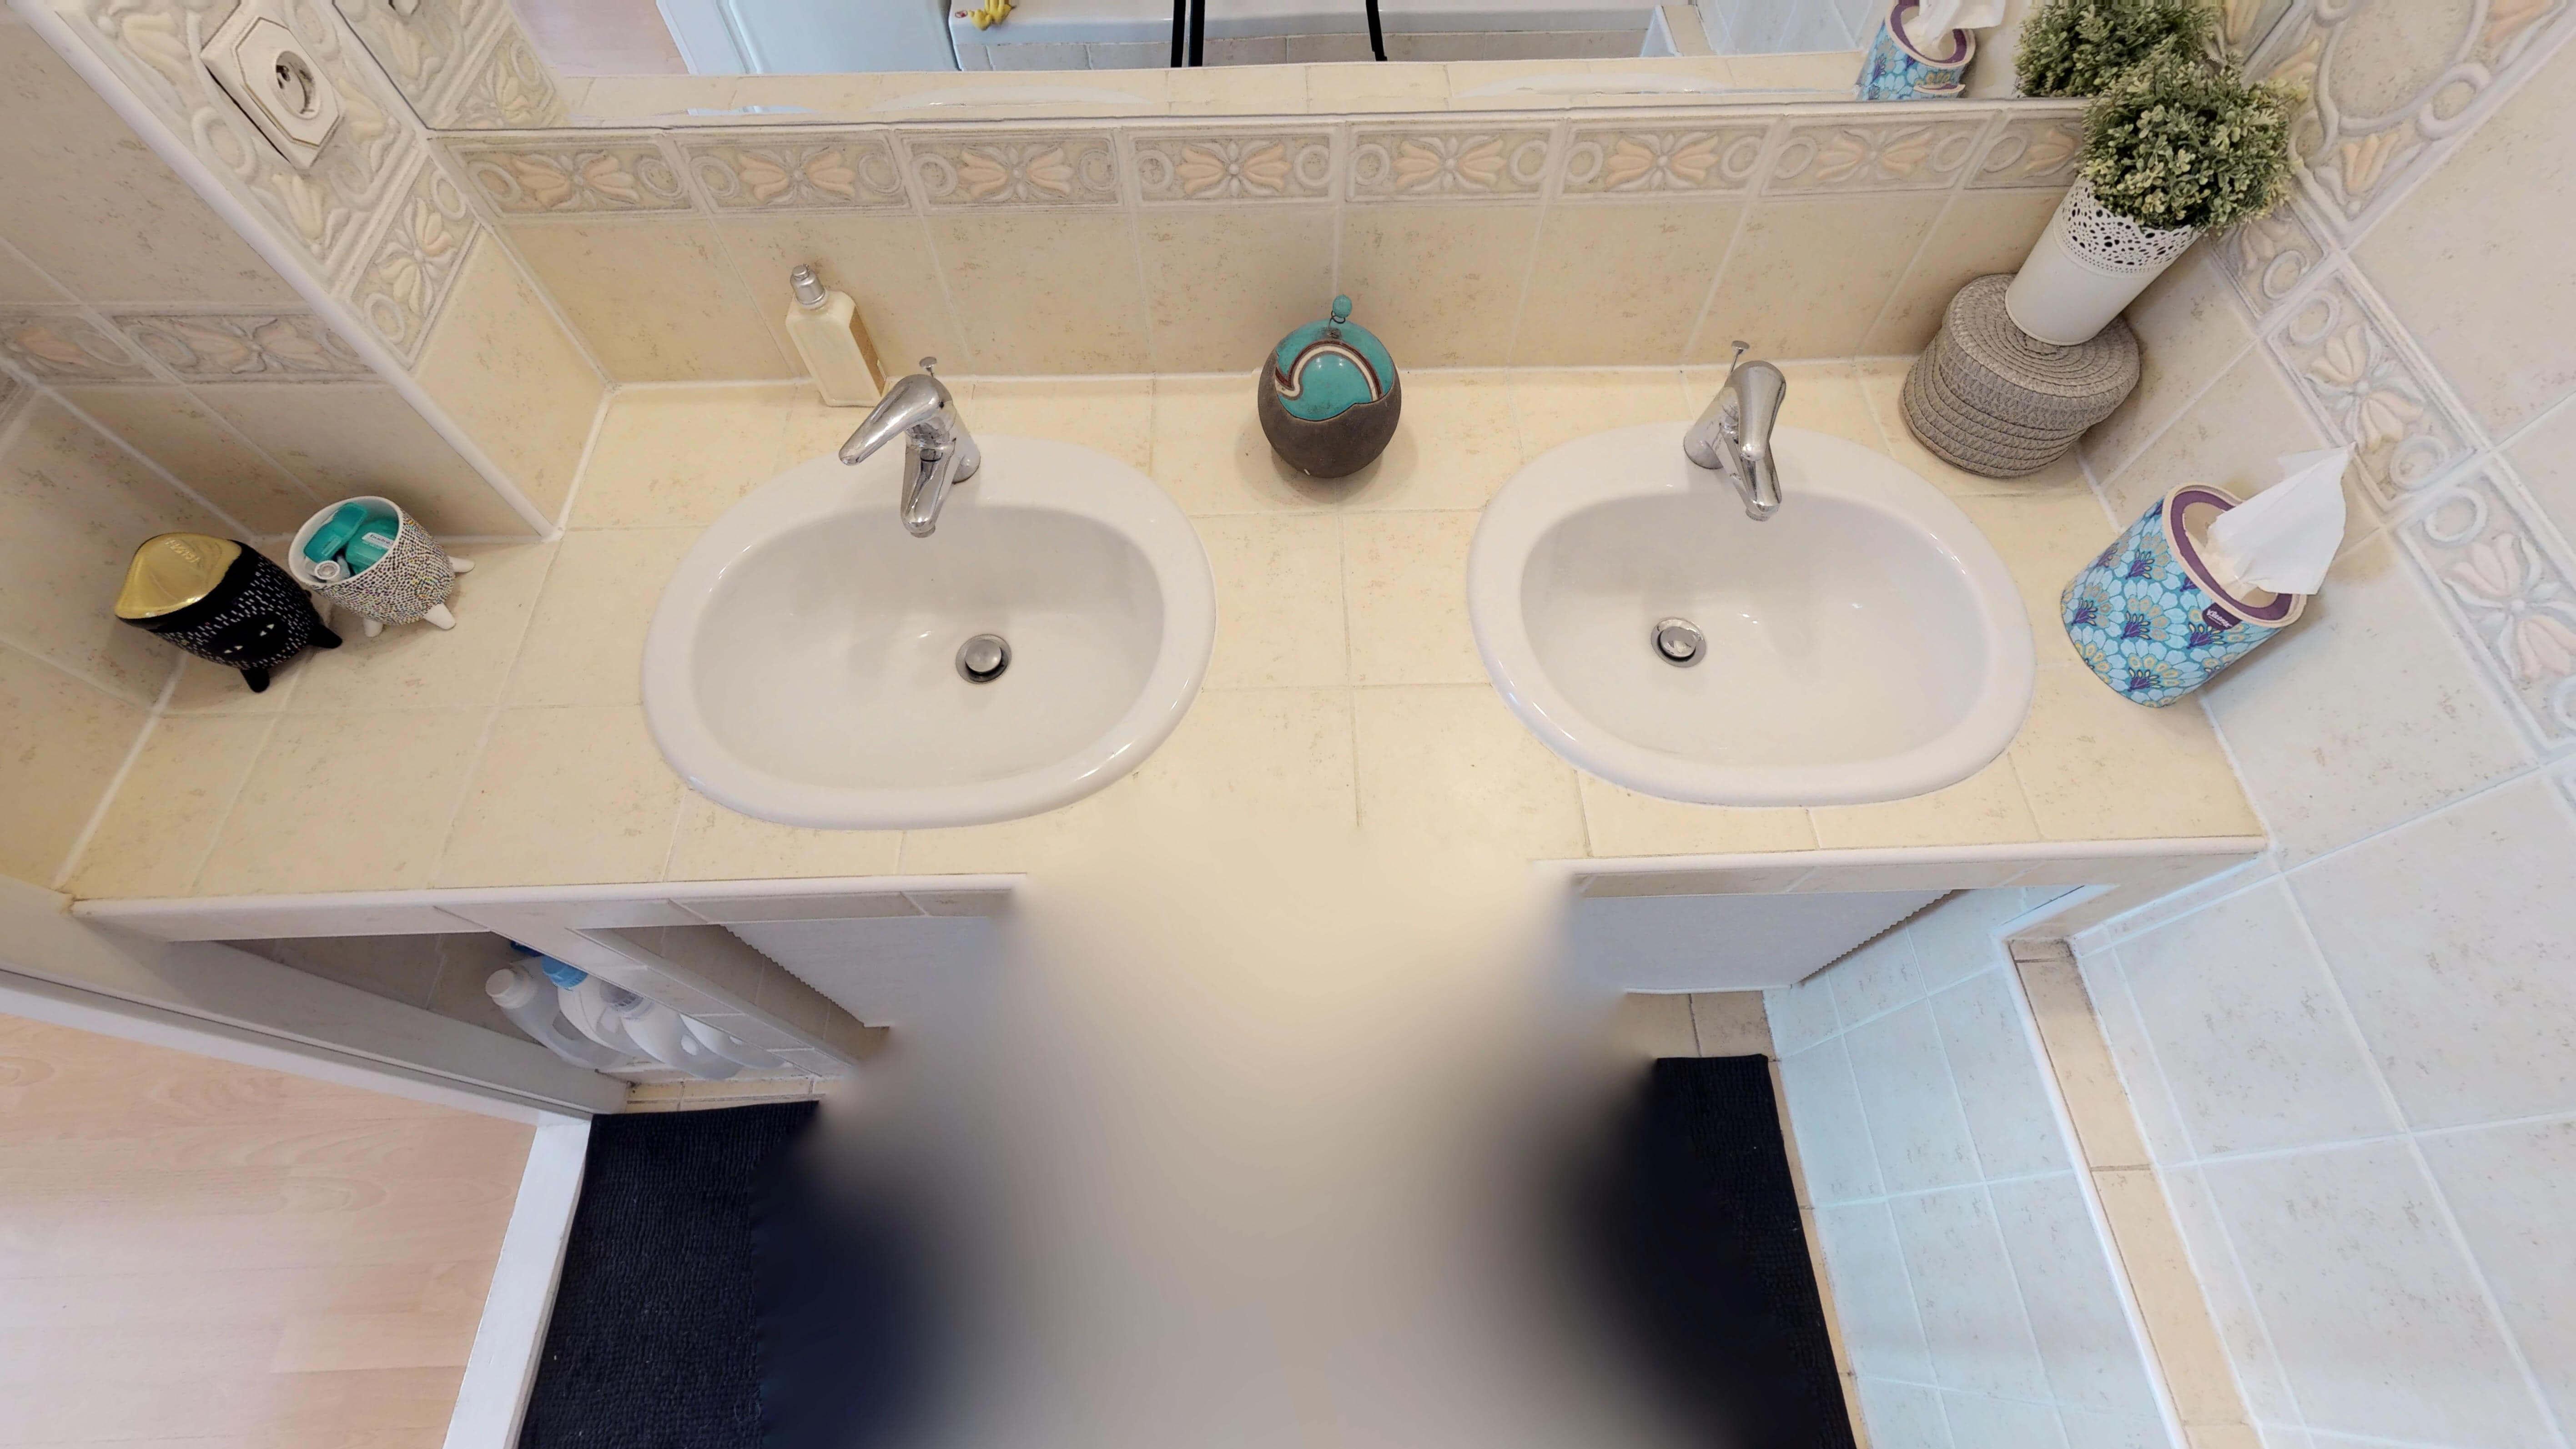 Predané Predaj exkluzívneho 3 izb. bytu,v Ružinove, ulica Palkovičová, blízko Trhoviska Miletičky v Bratislave, 68m2, kompletne zariadený-28